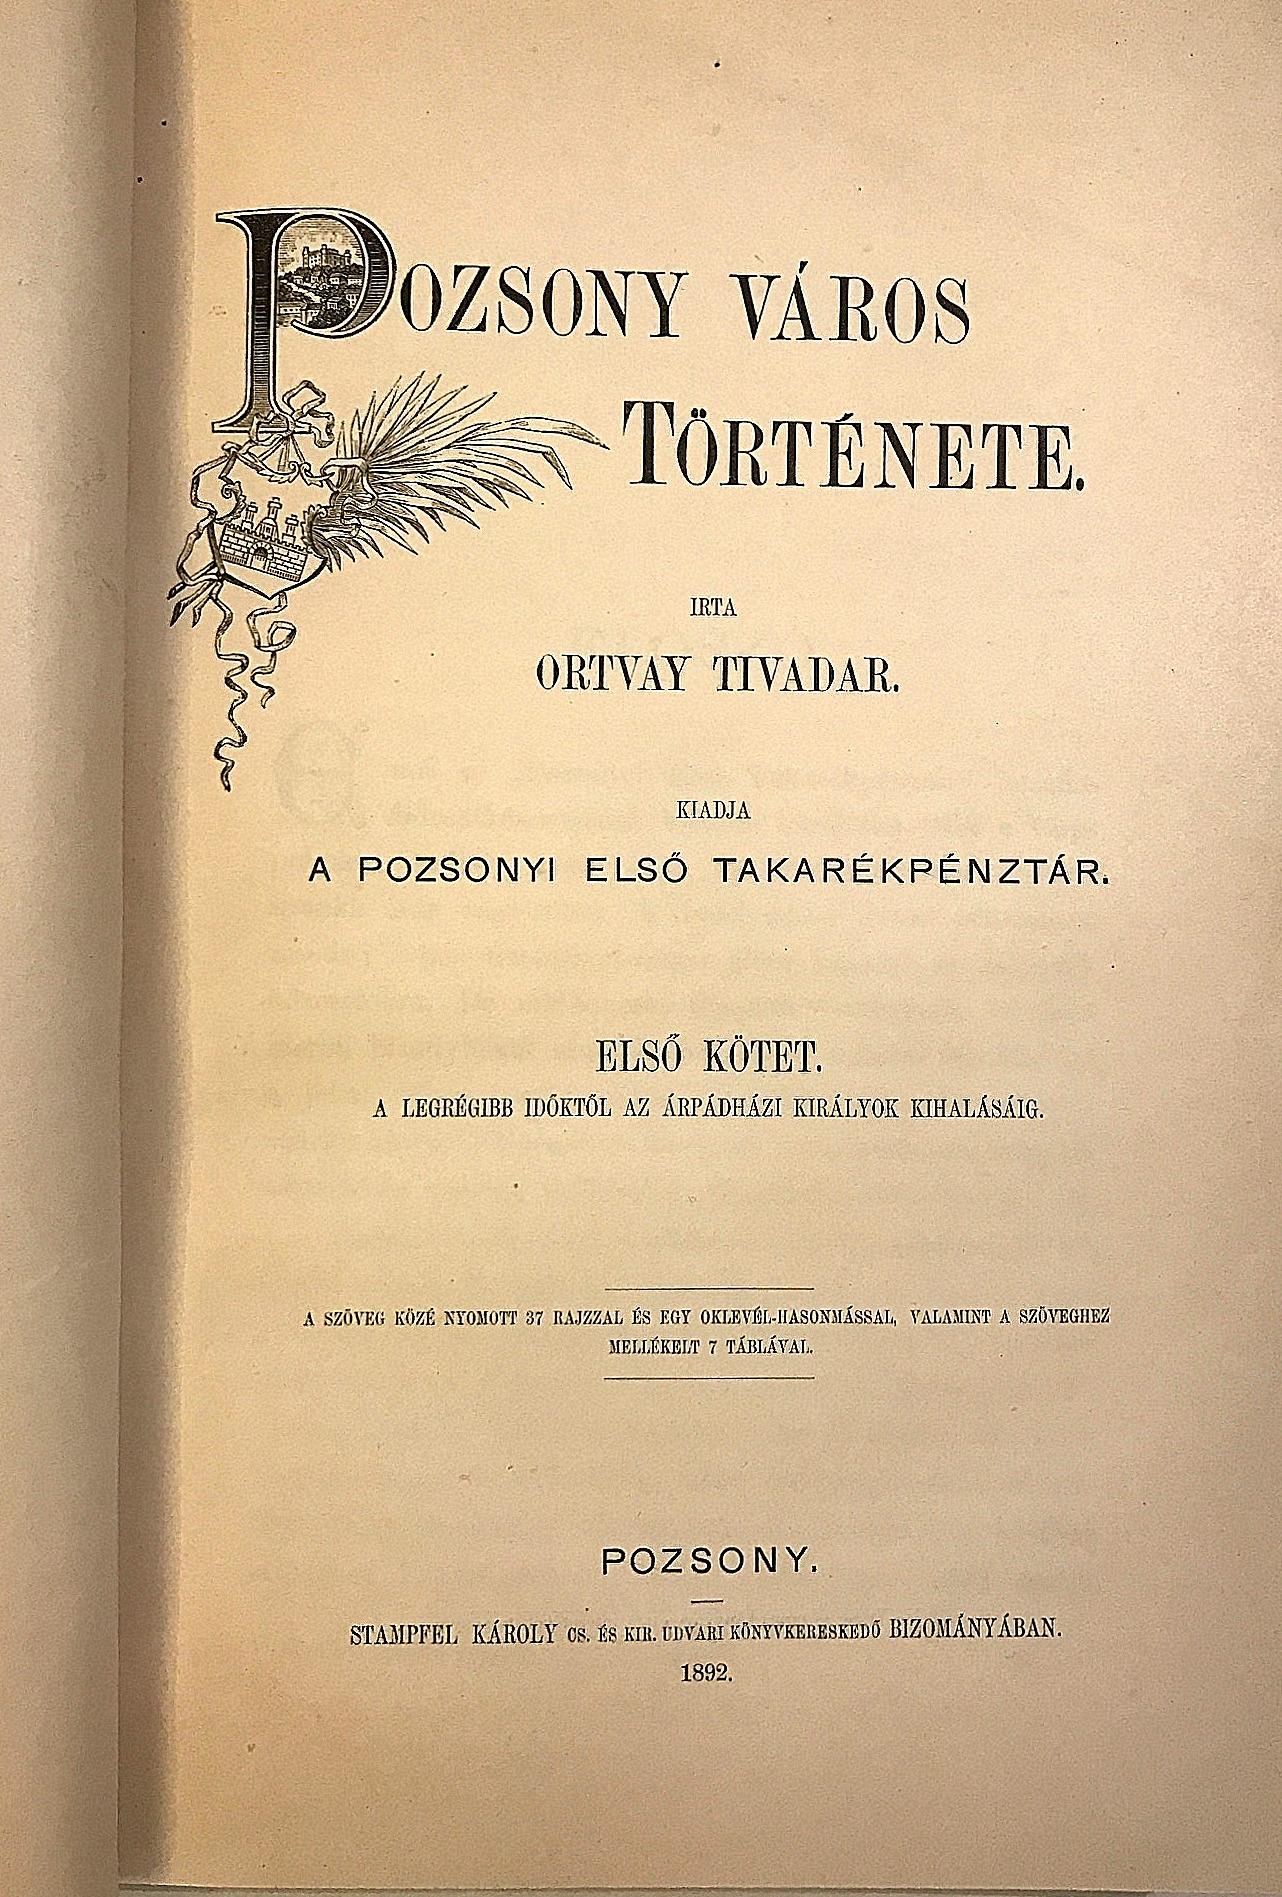 Pozsony Város Története. I, II. (1-4), III., IV (1) - komplet